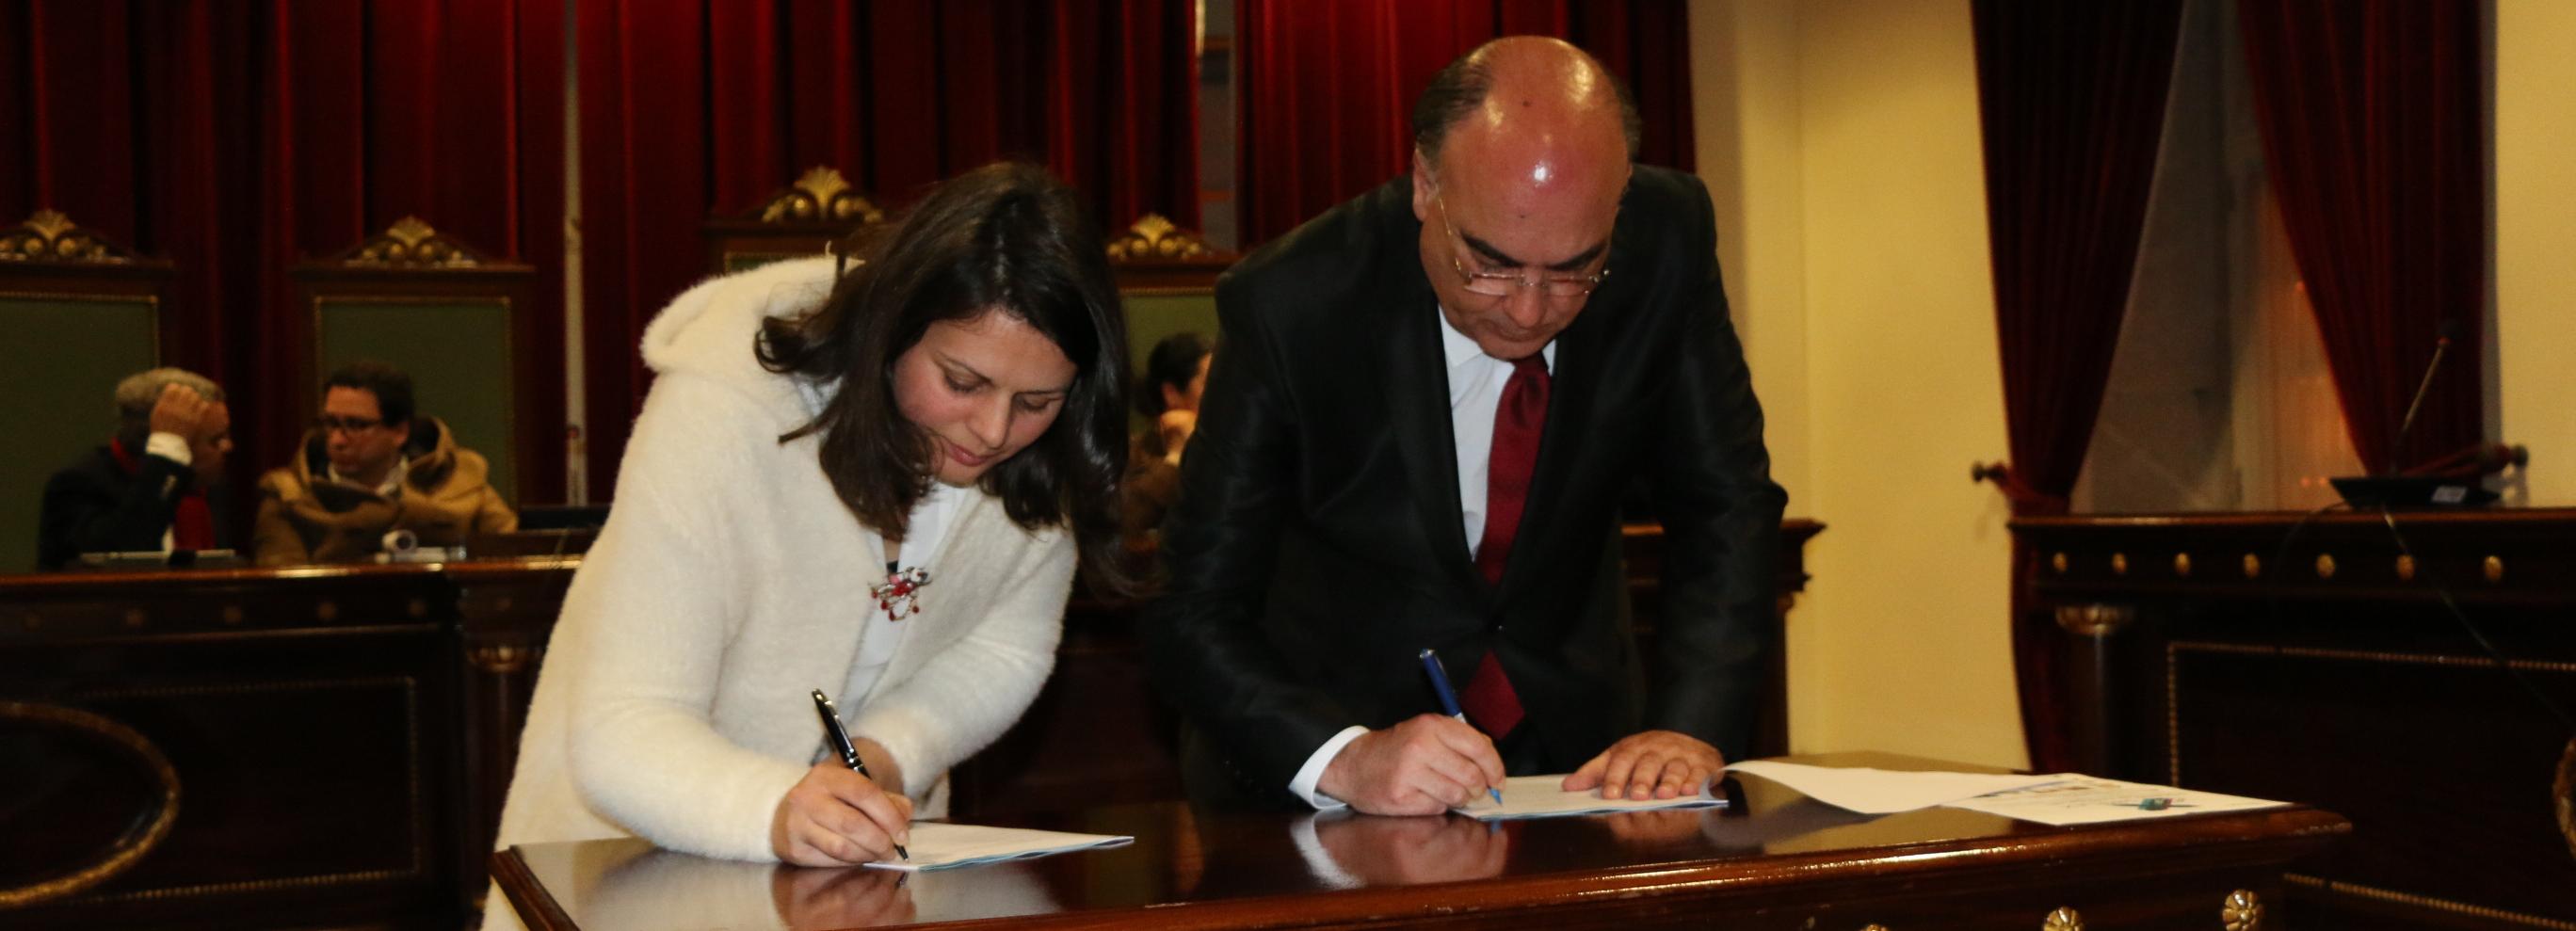 Câmara e Freguesias assinam protocolo de cerca de 5 milhões de euros